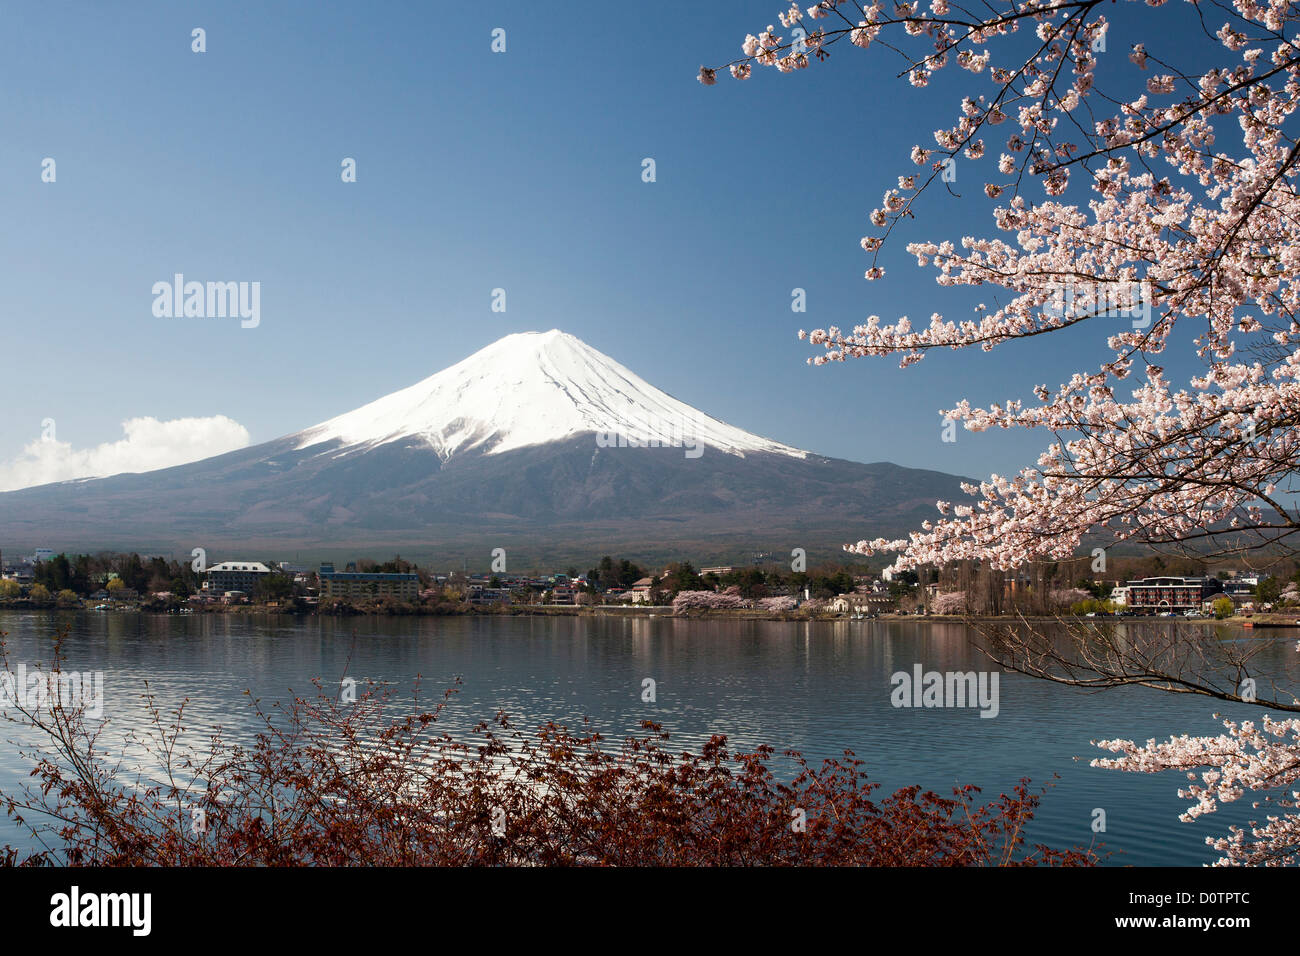 Le Japon, Asie, vacances, voyage, fleurs de cerisier, Yamaguchi, lac, Fuji, le Mont Fuji, Fujiyama, paysage, montagne, Photo Stock